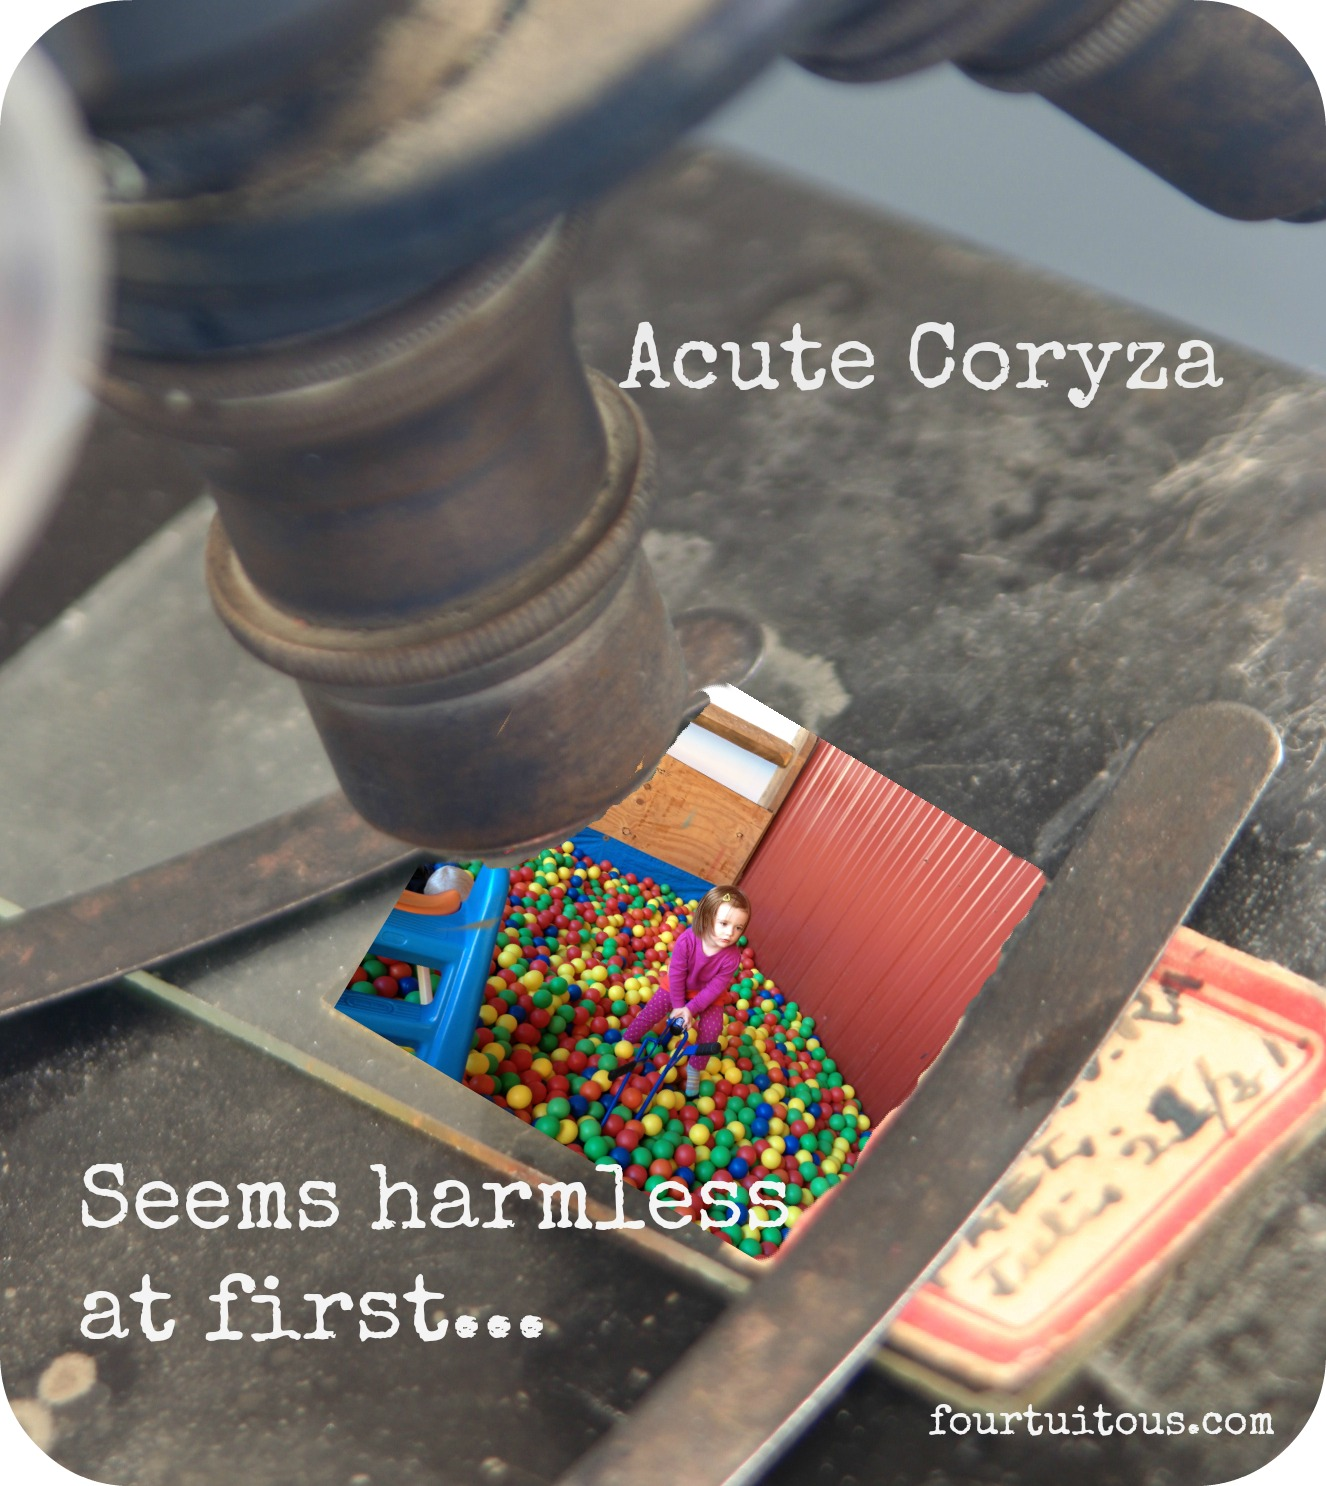 acutecoryza